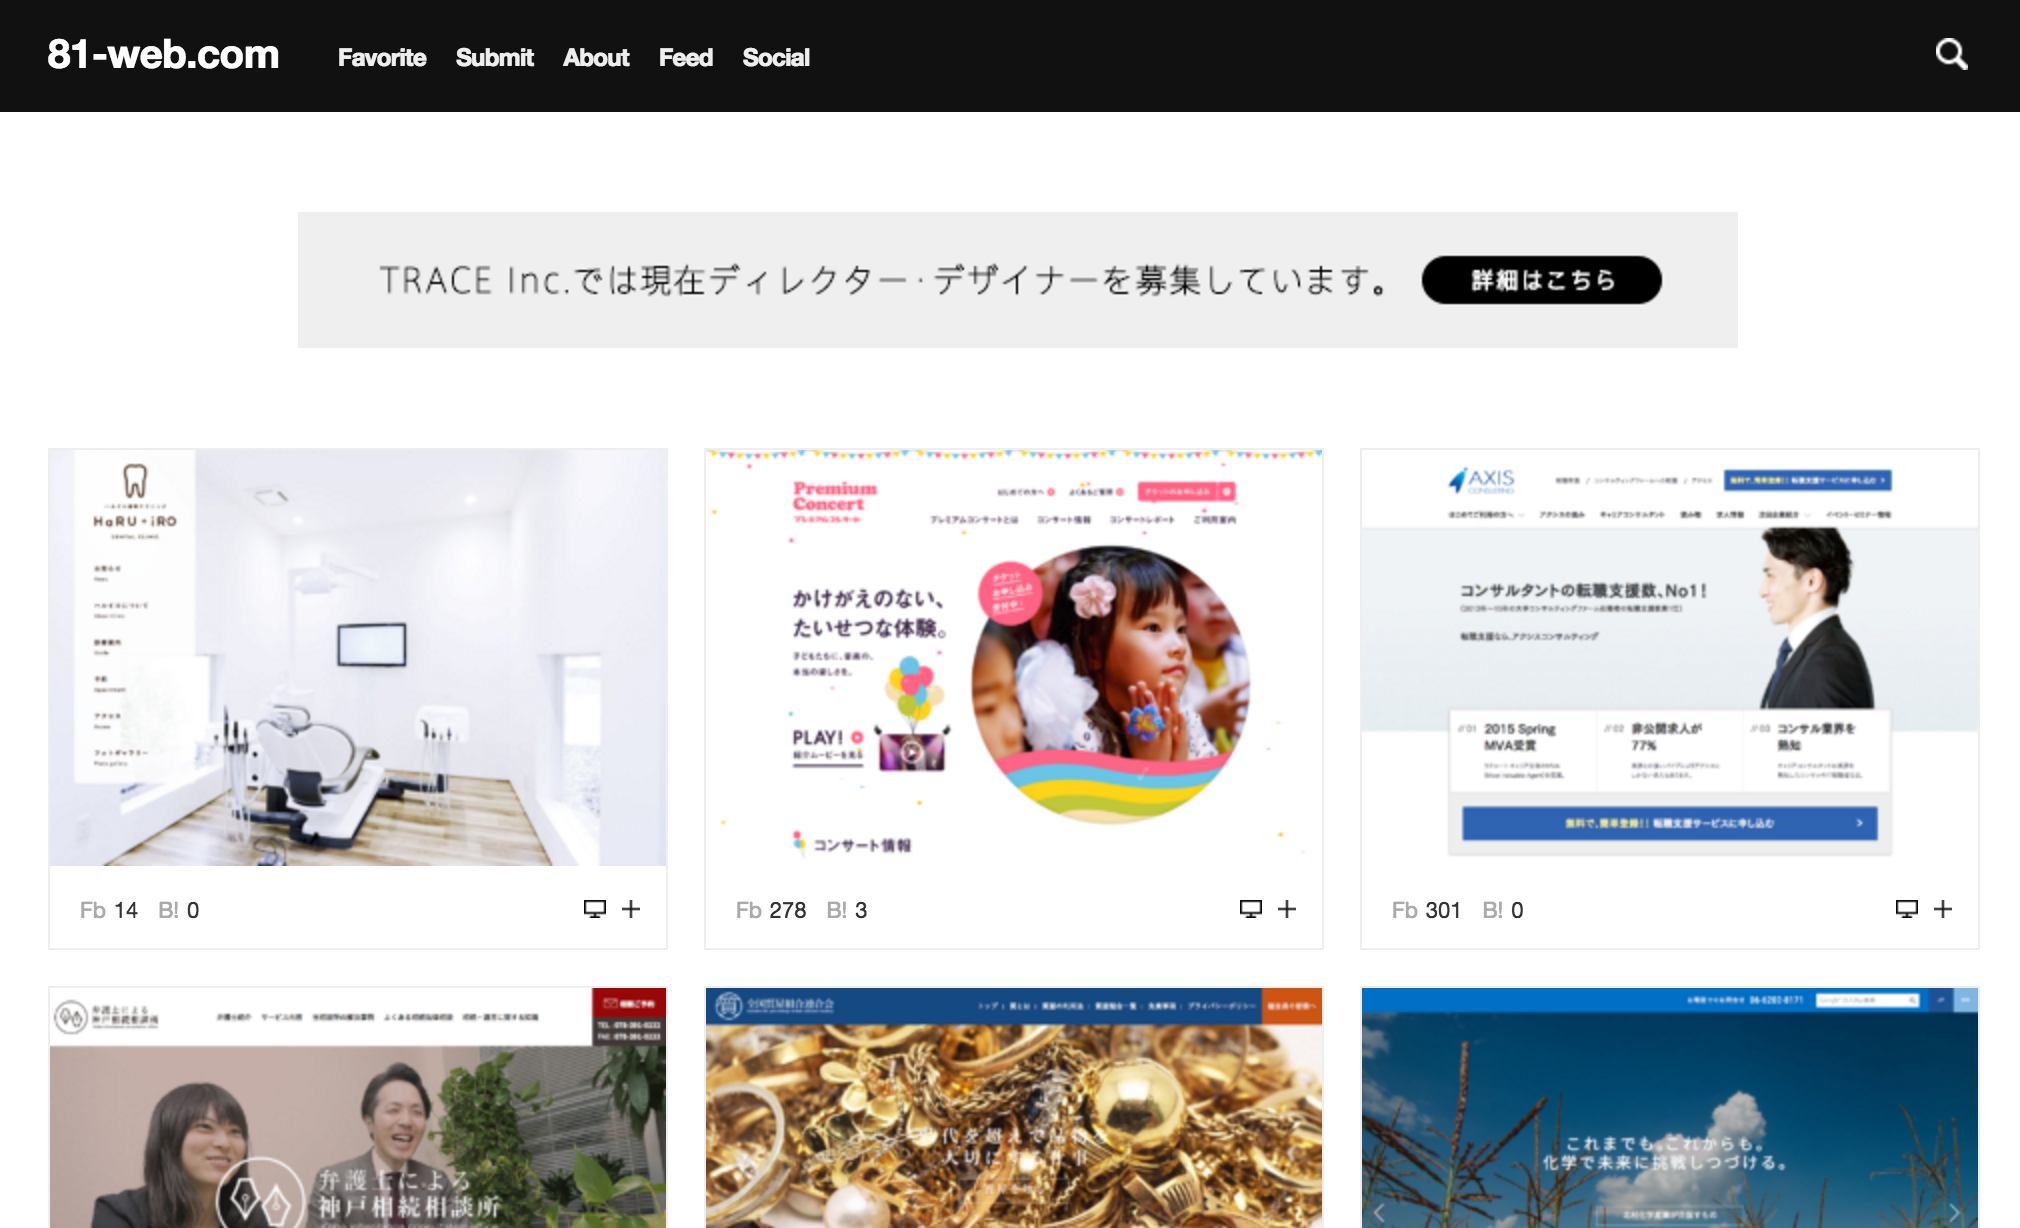 81-web.com